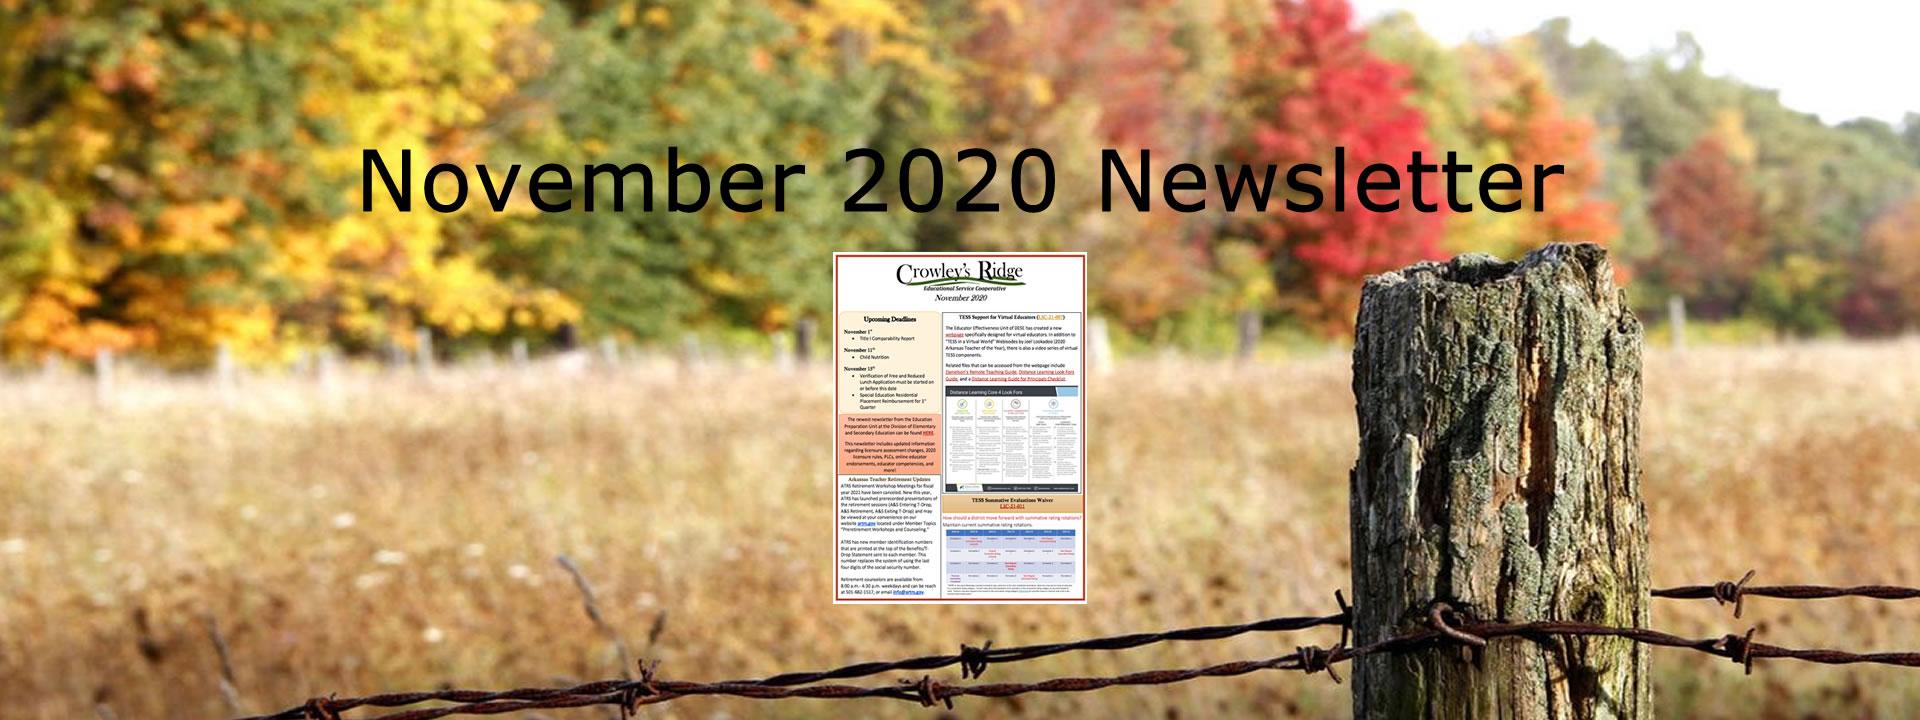 November2020 Newsletter